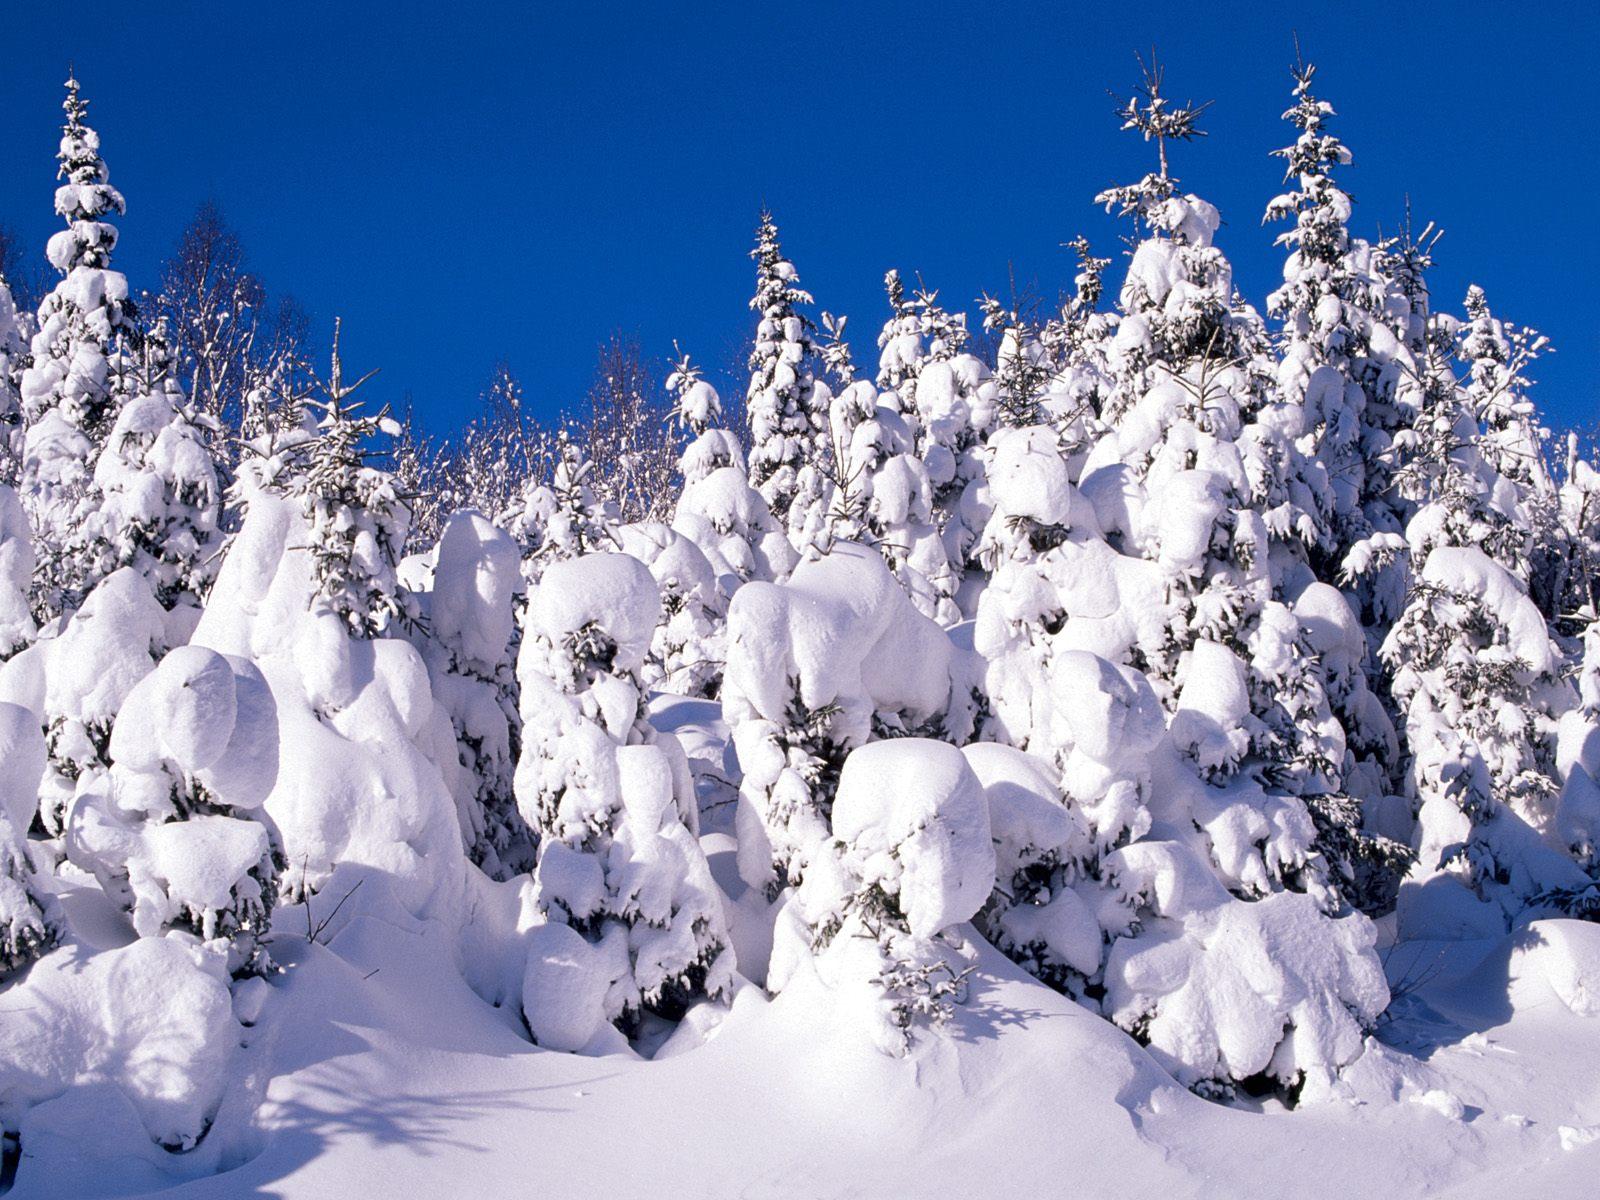 Best wallpaper collection best winter wallpapers - Winter desktop ...